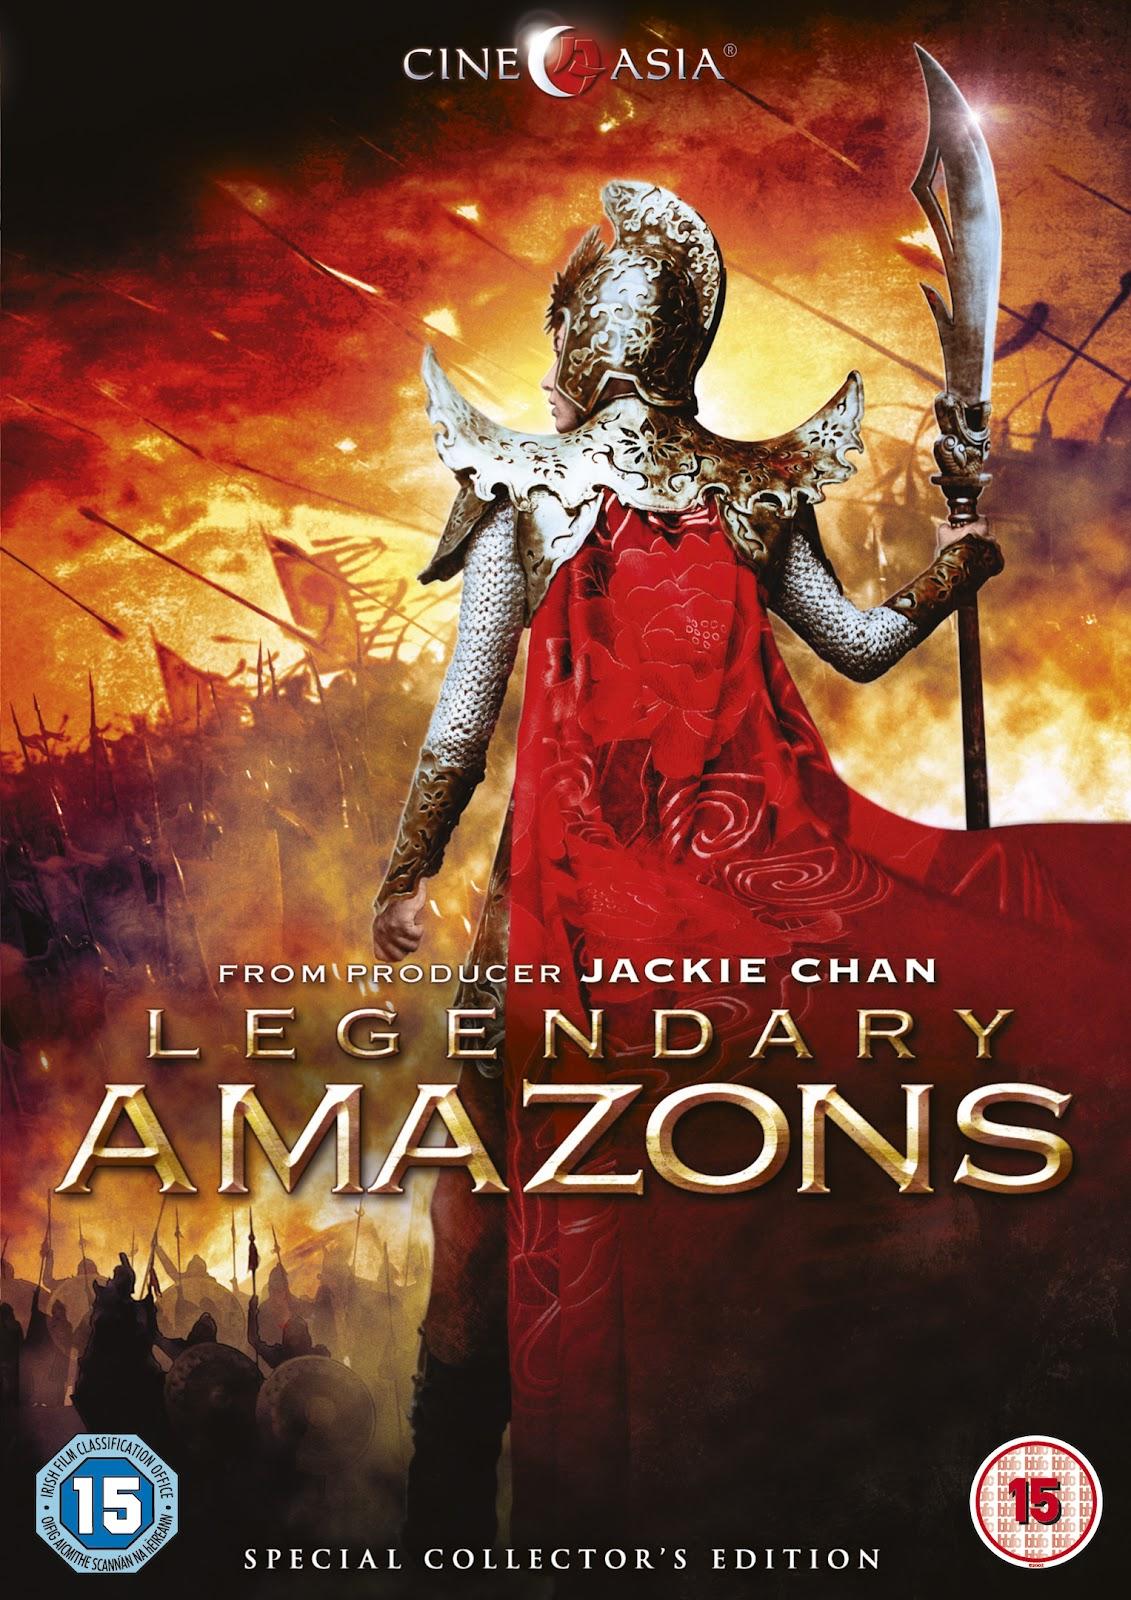 legendary amazons-#4